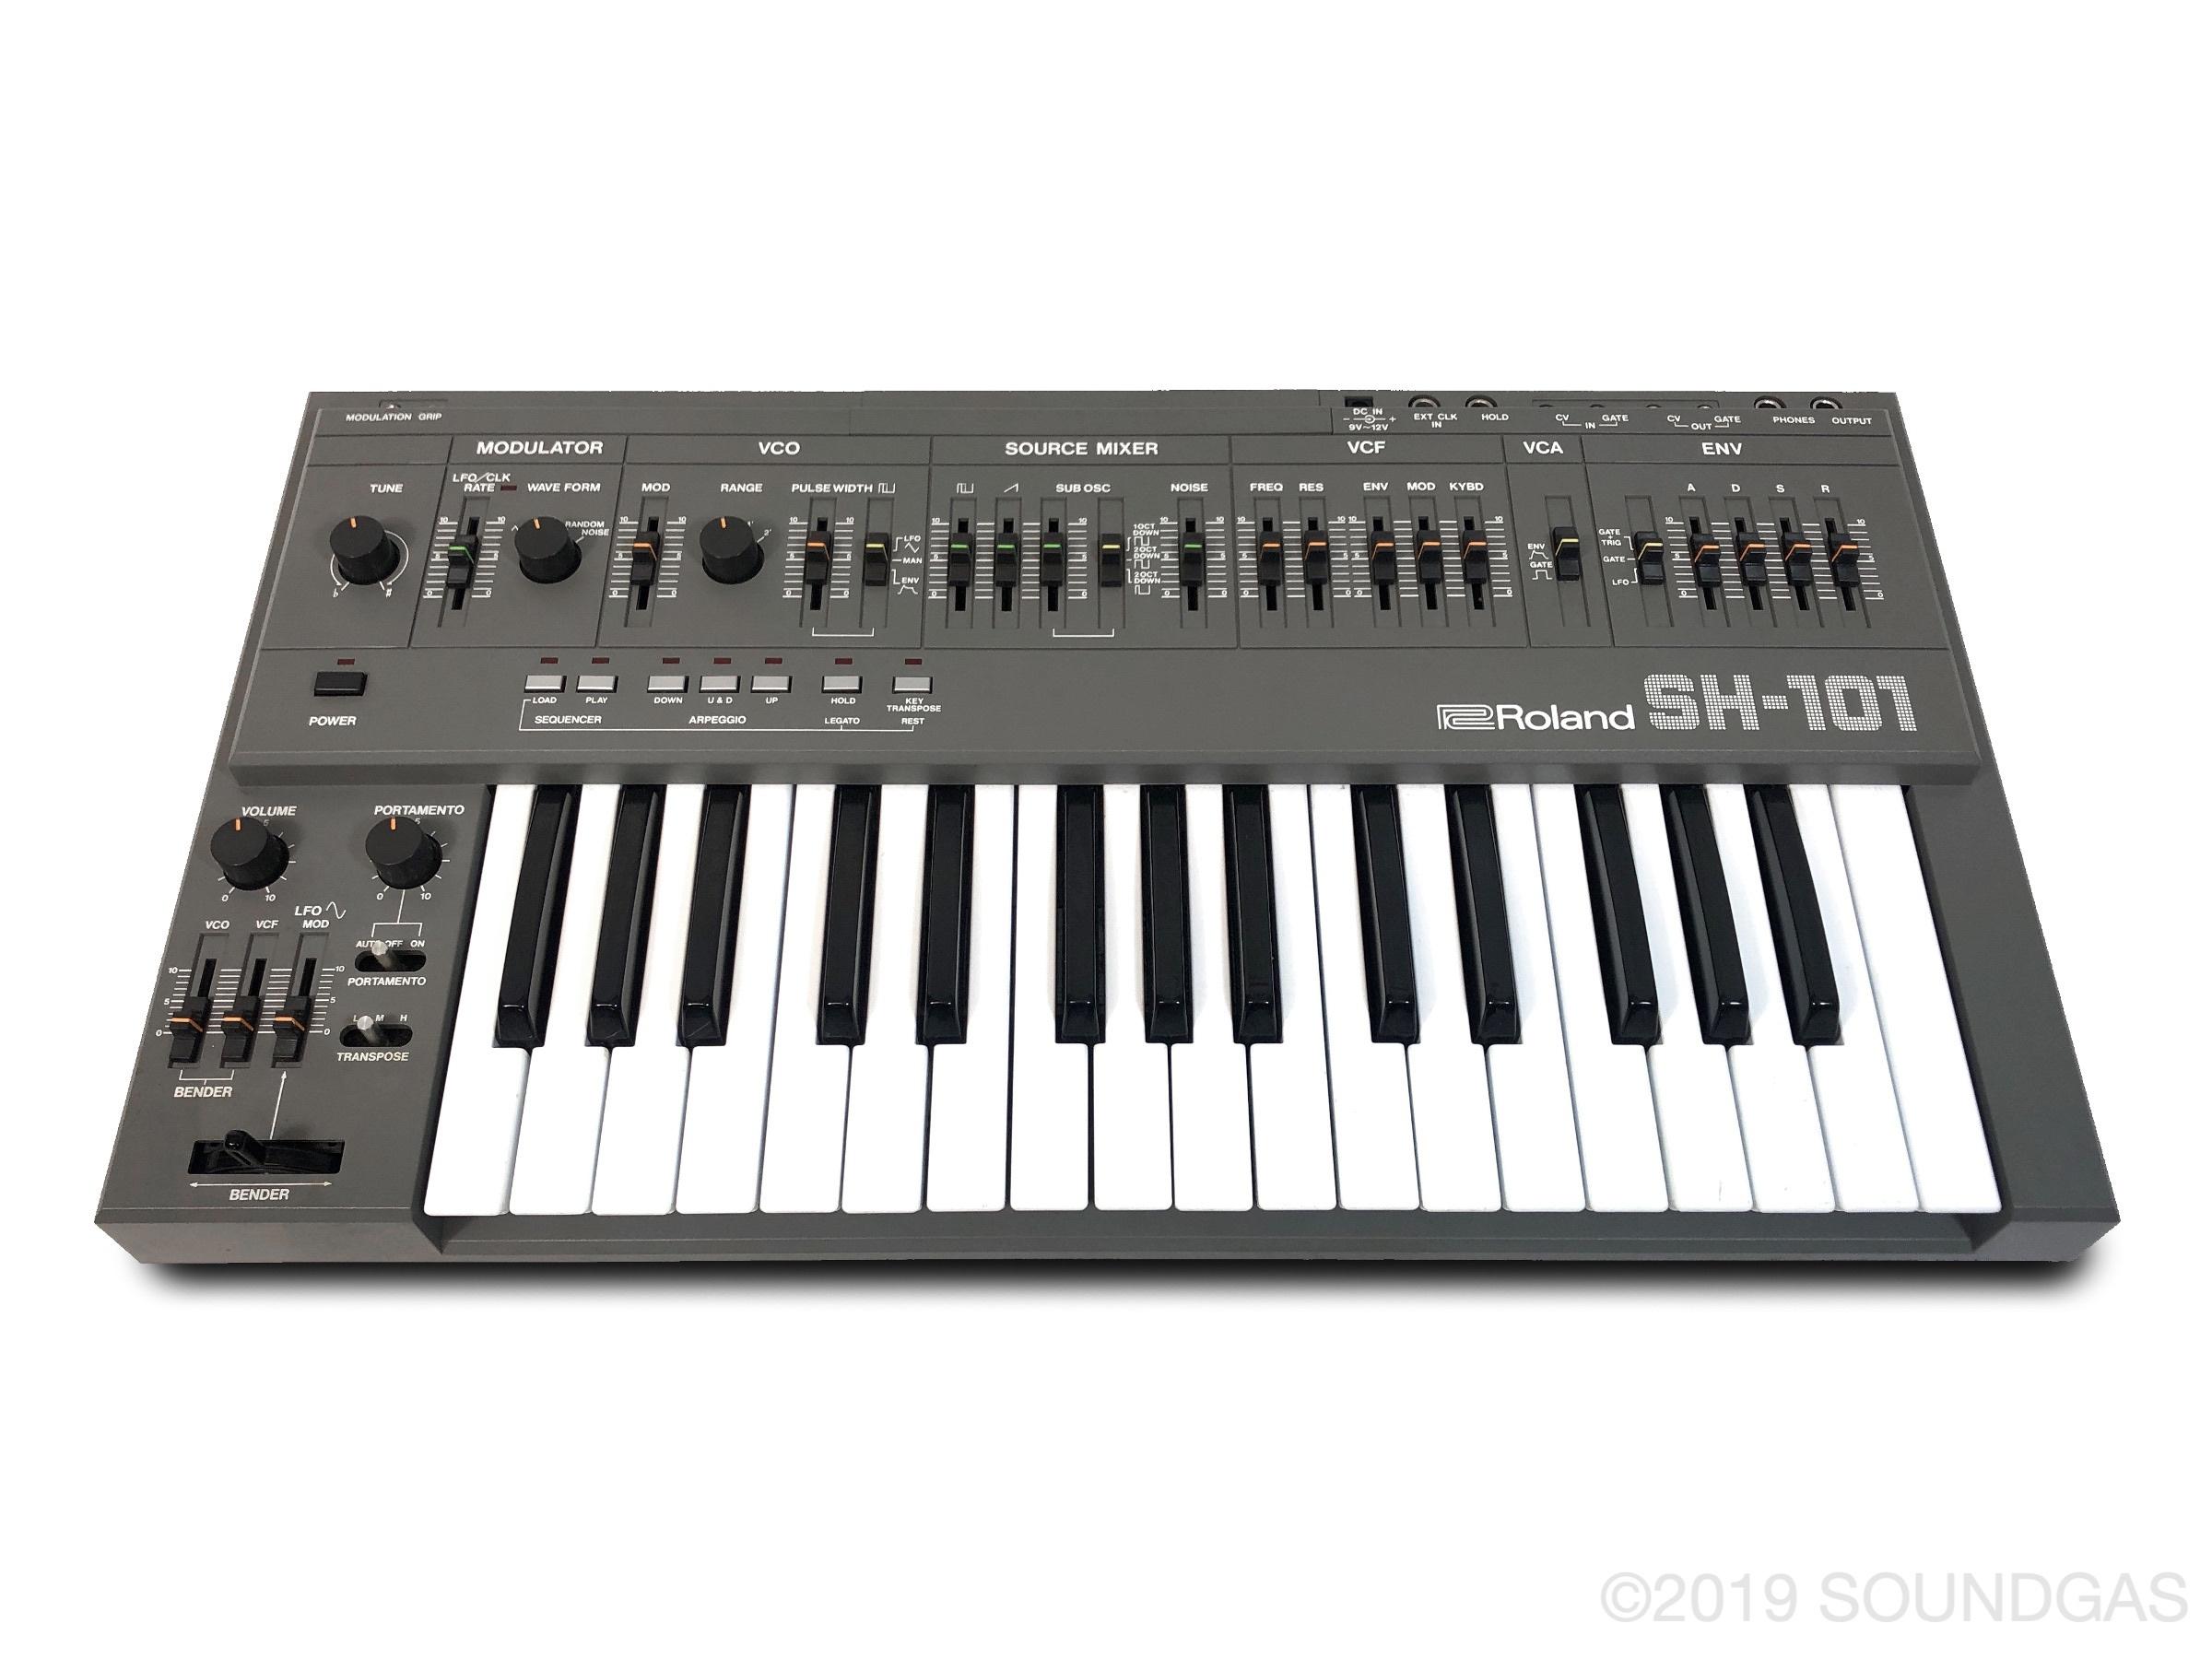 Replacement Power Supply for Roland EP-3 Digital Piano 9V DC 1A EU